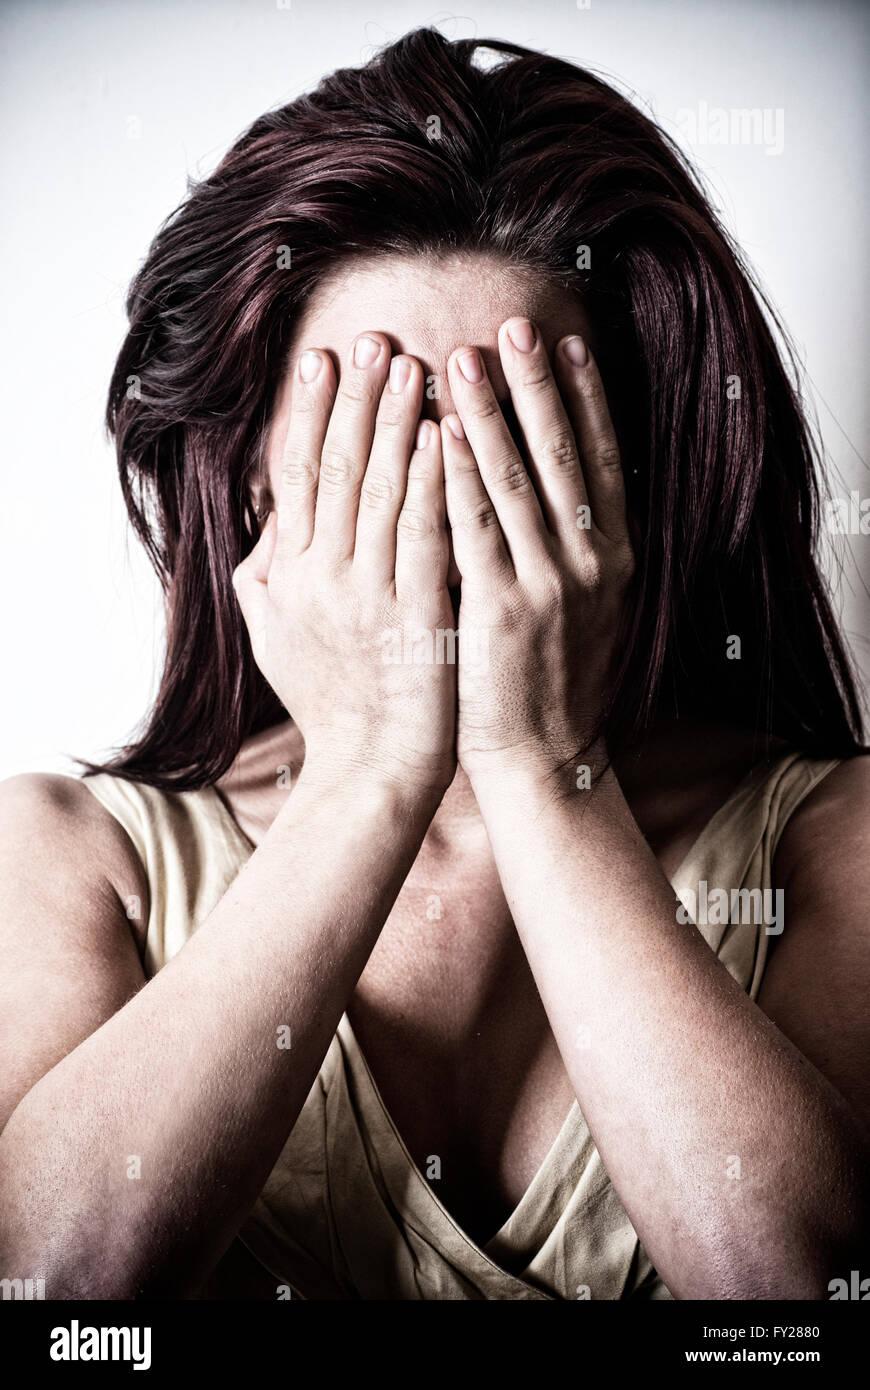 Jeune femme se cachant le visage avec ses mains Photo Stock